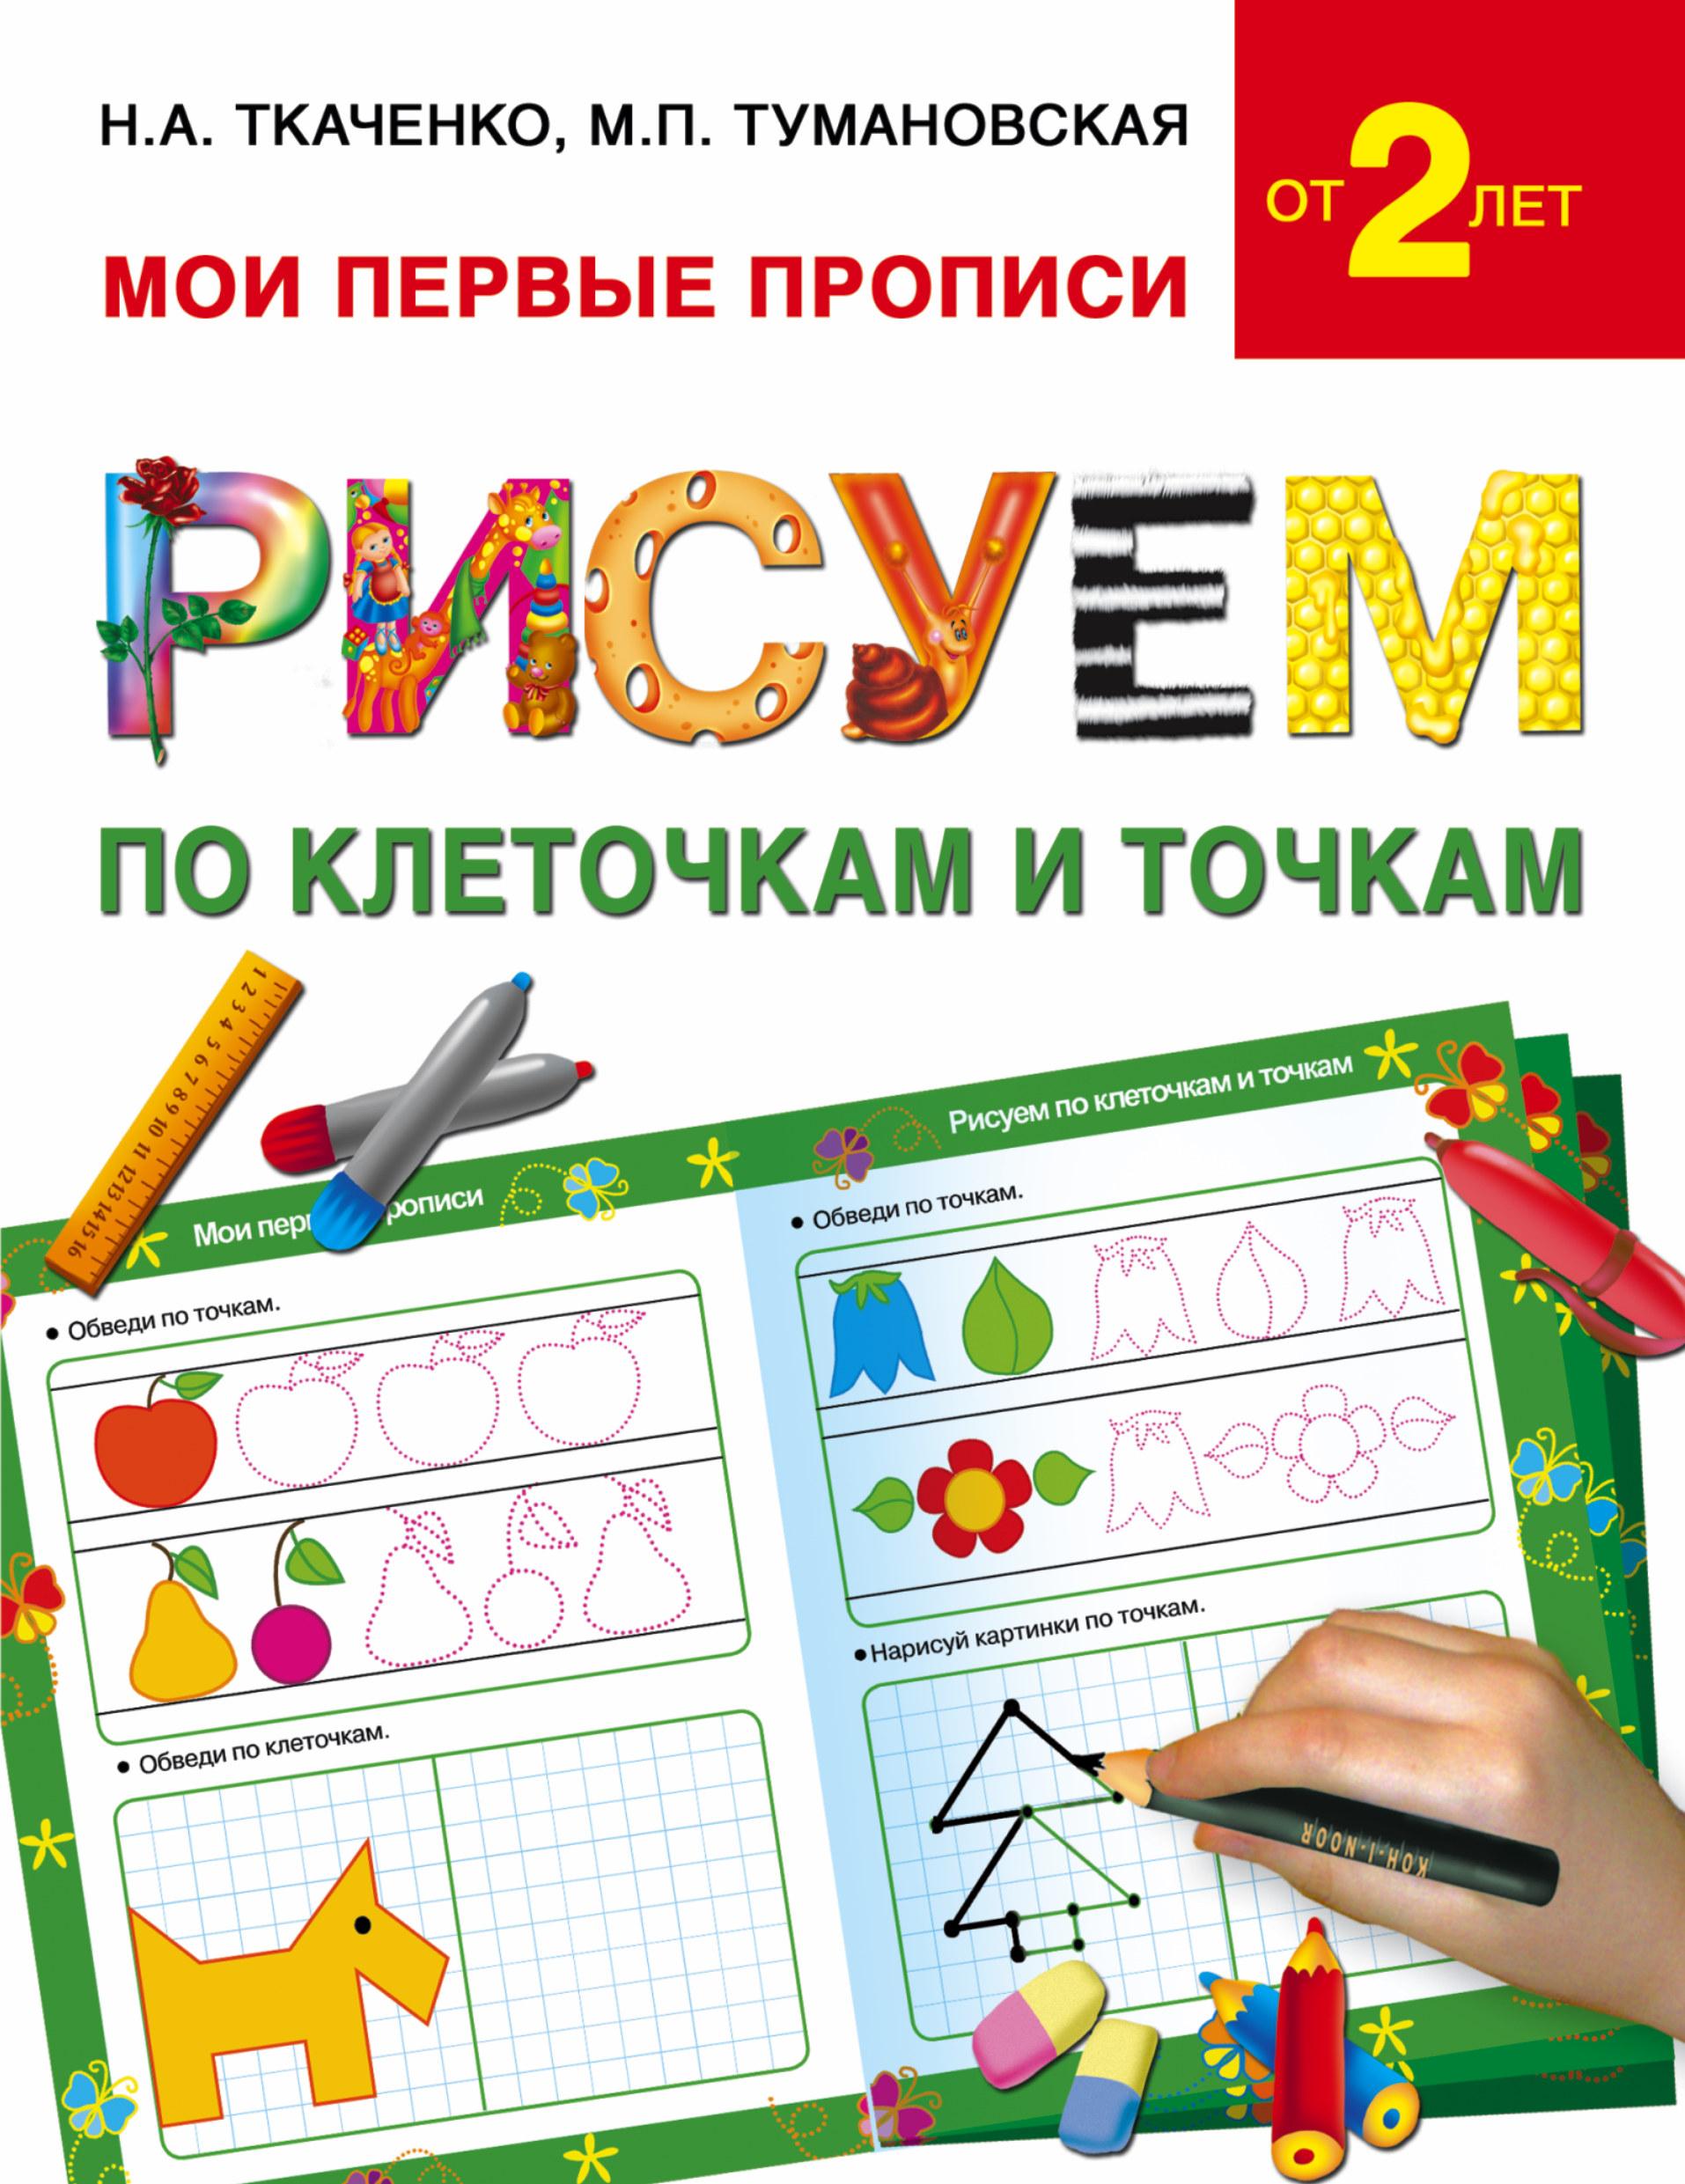 Рисуем по клеточкам и точкам ( Ткаченко Н.А., Тумановская М.П.  )